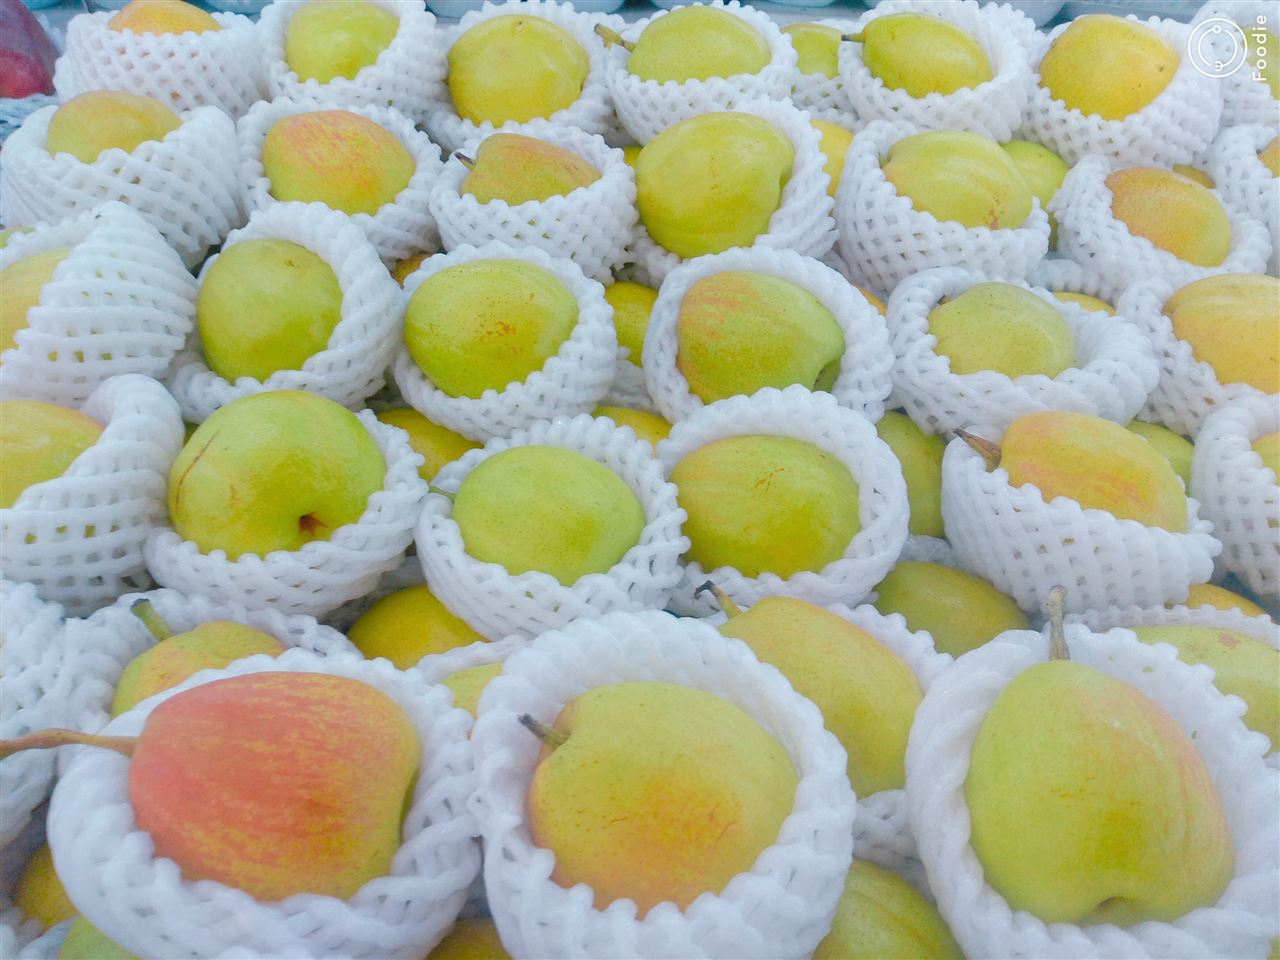 刺梨成富民大产业 喷雾干燥设备提升果粉品质